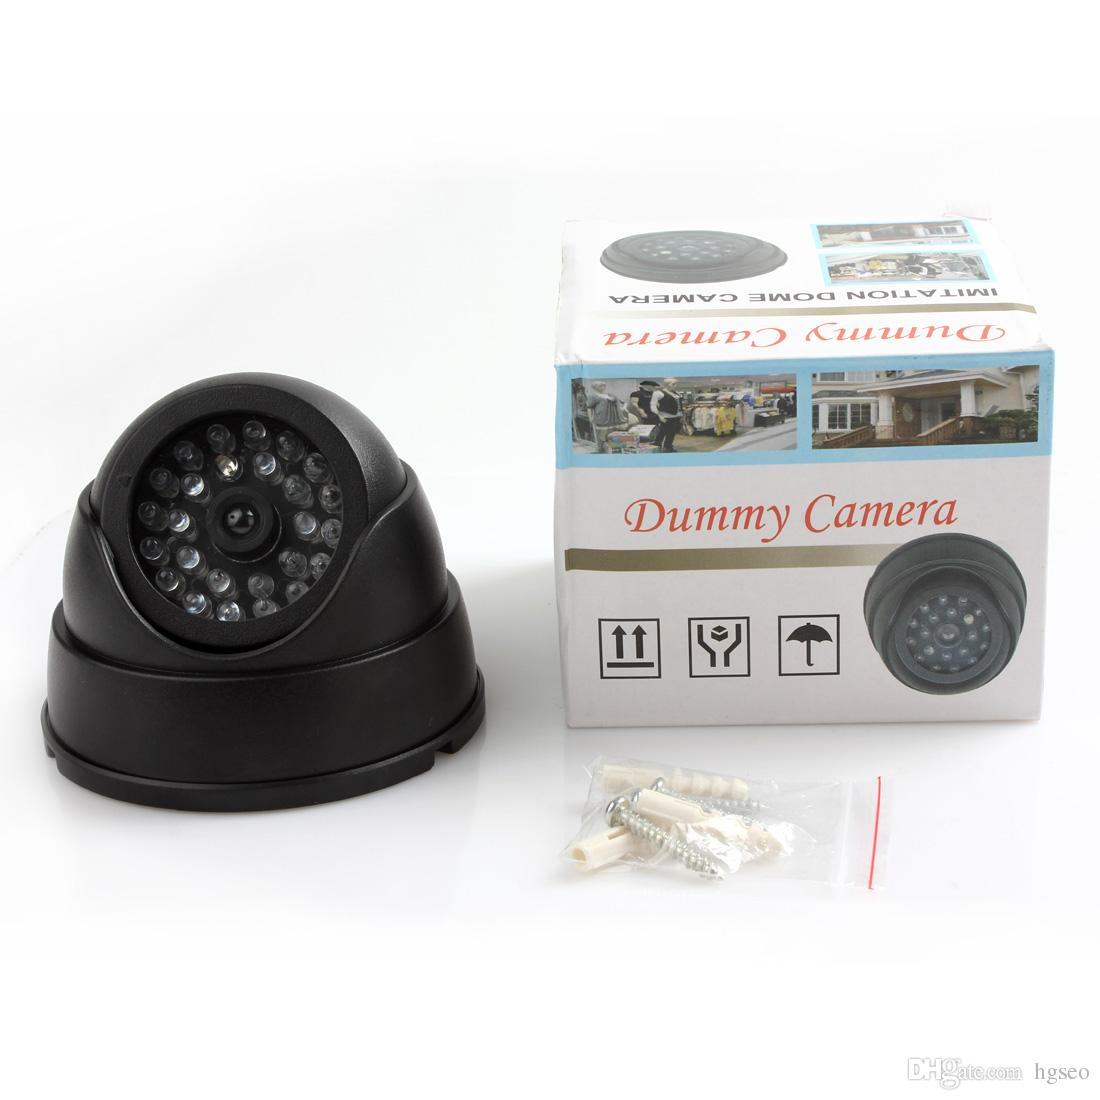 거짓 가짜 시뮬레이션 돔 보안 cctv 카메라 30pcs False IR LED + 빨간색 활동 LED 빛 CCT_705